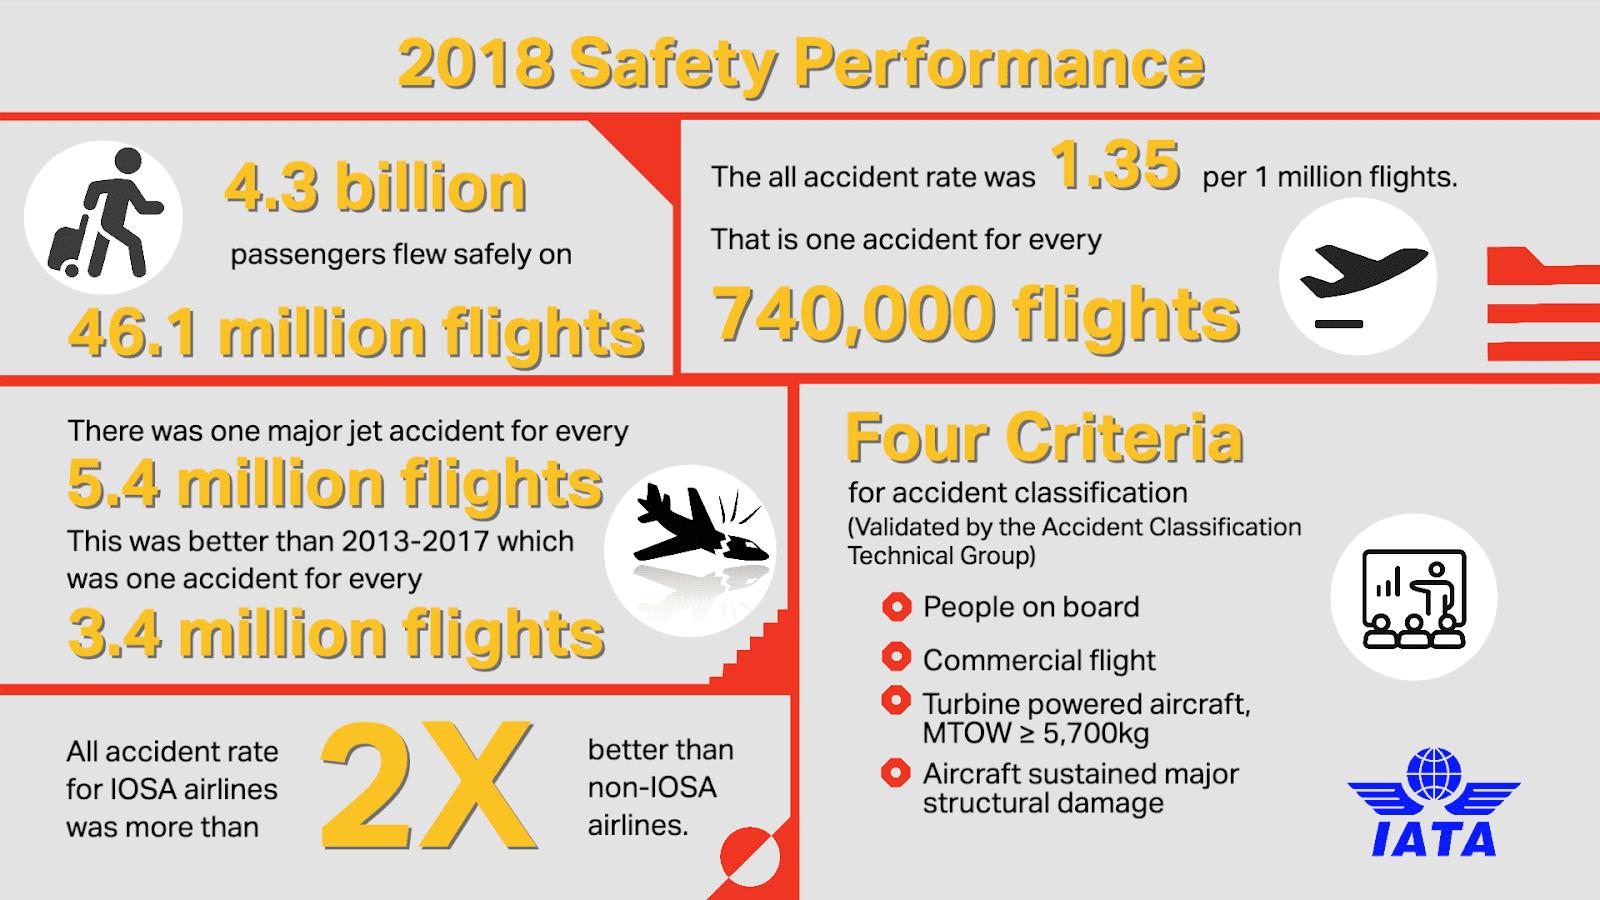 IATA divulga o desempenho em segurança das companhias aéreas de 2018 | É MAIS QUE VOAR